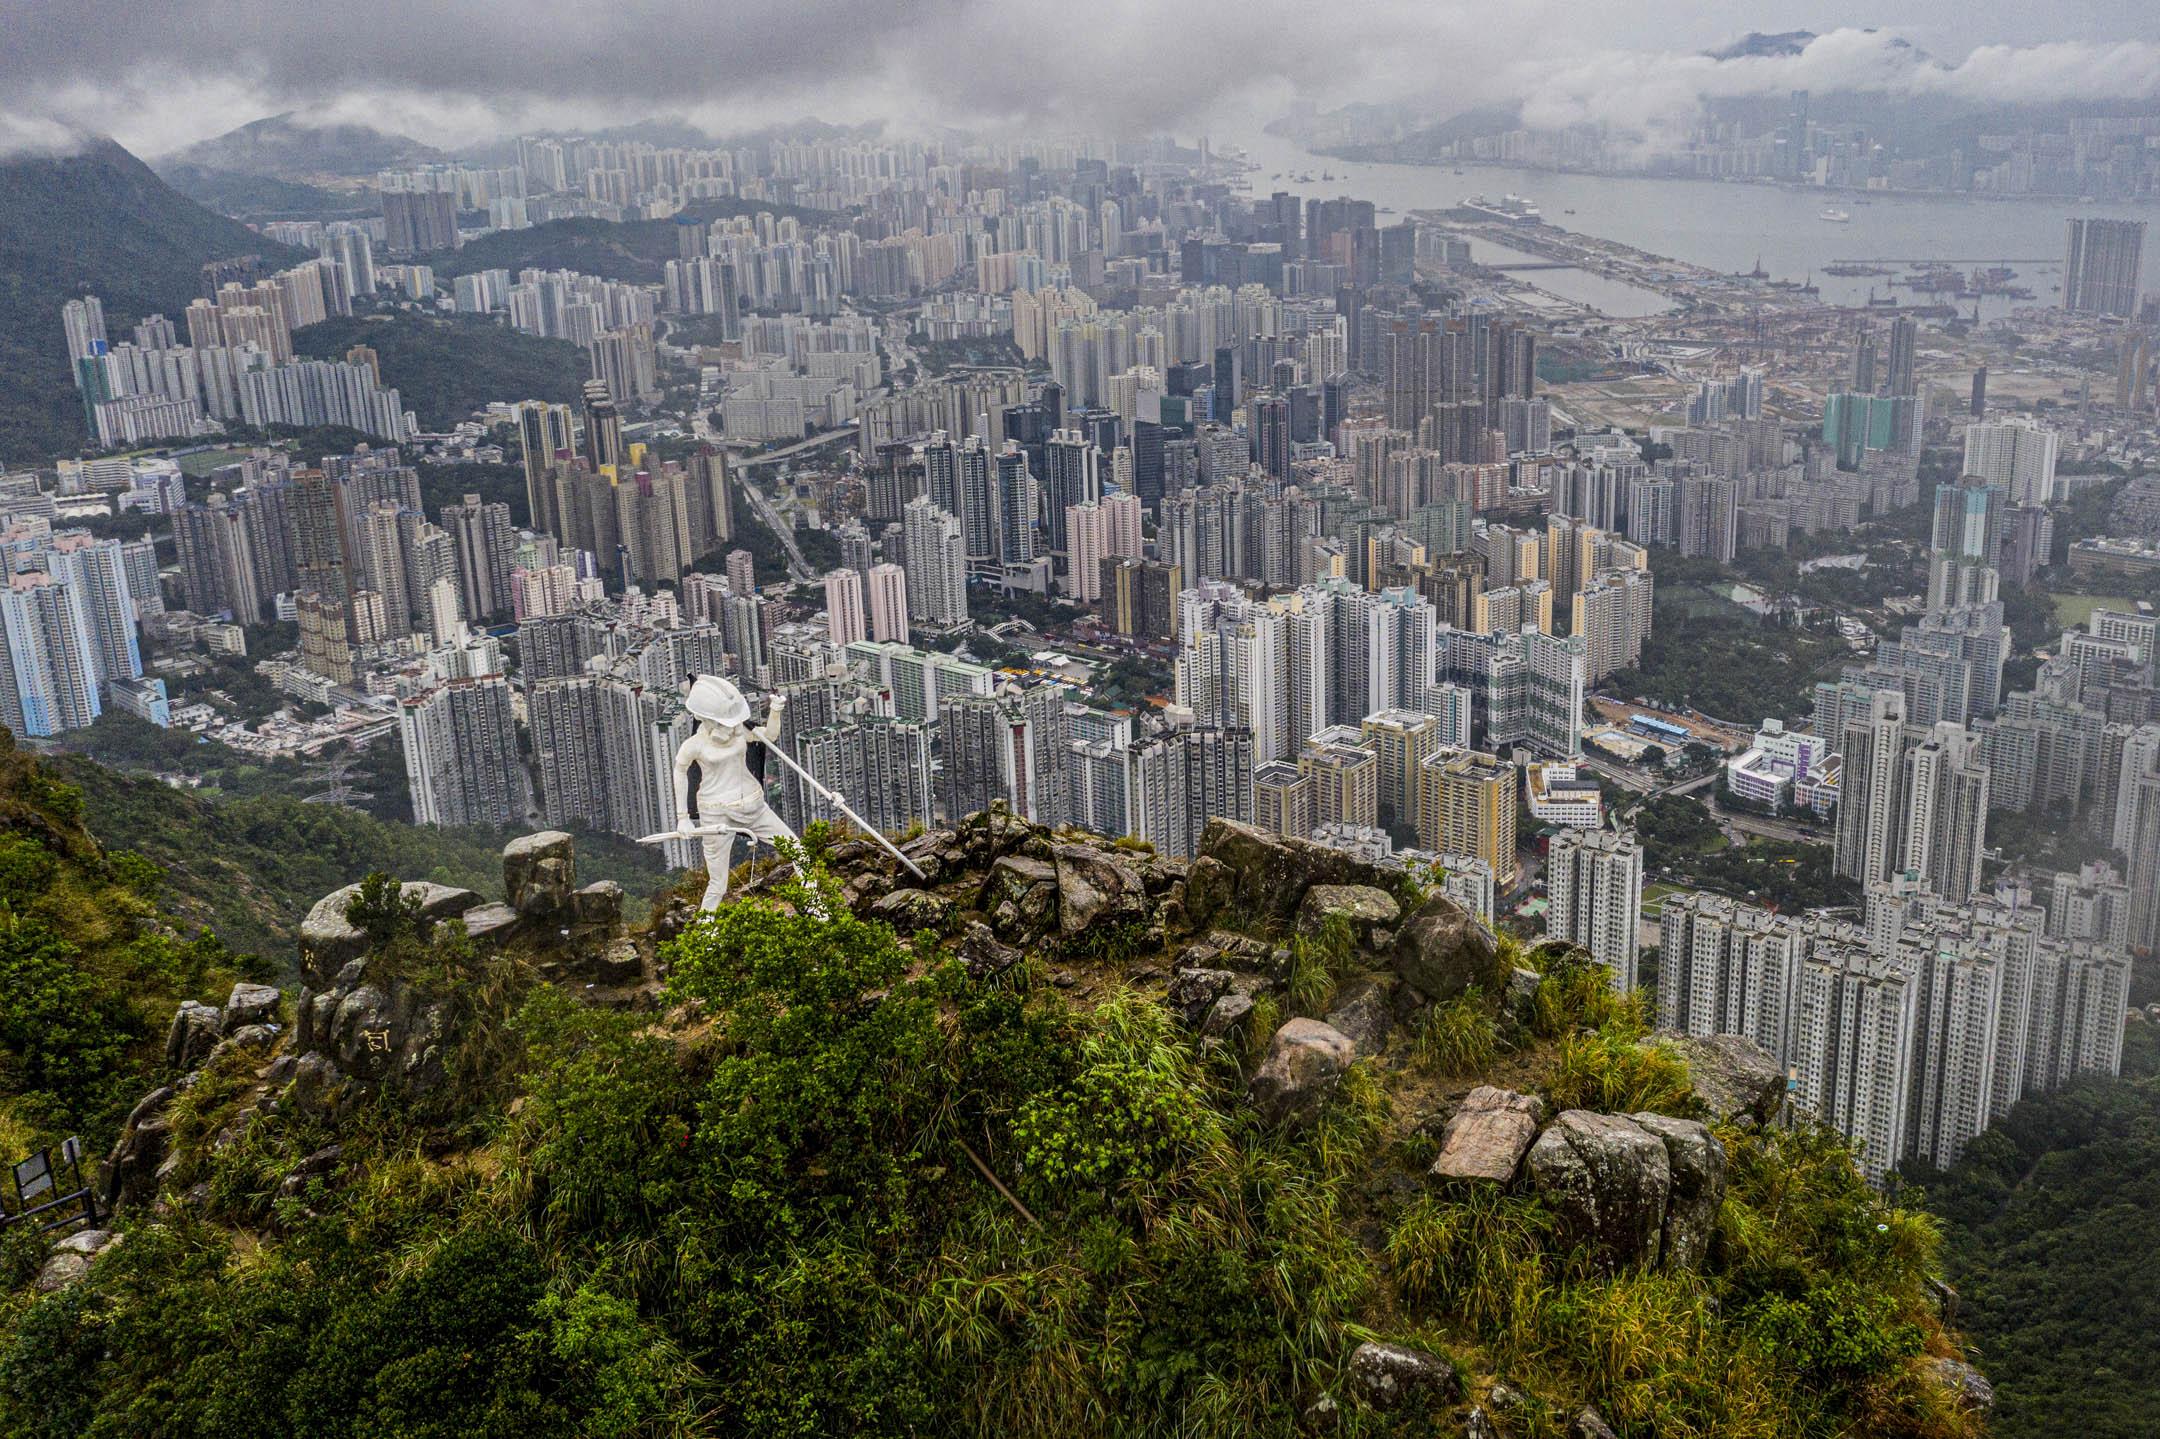 2019年10月14日清晨,全副裝備的四米高「香港民主女神像」成功登上獅子山山頂。 圖:受訪者提供